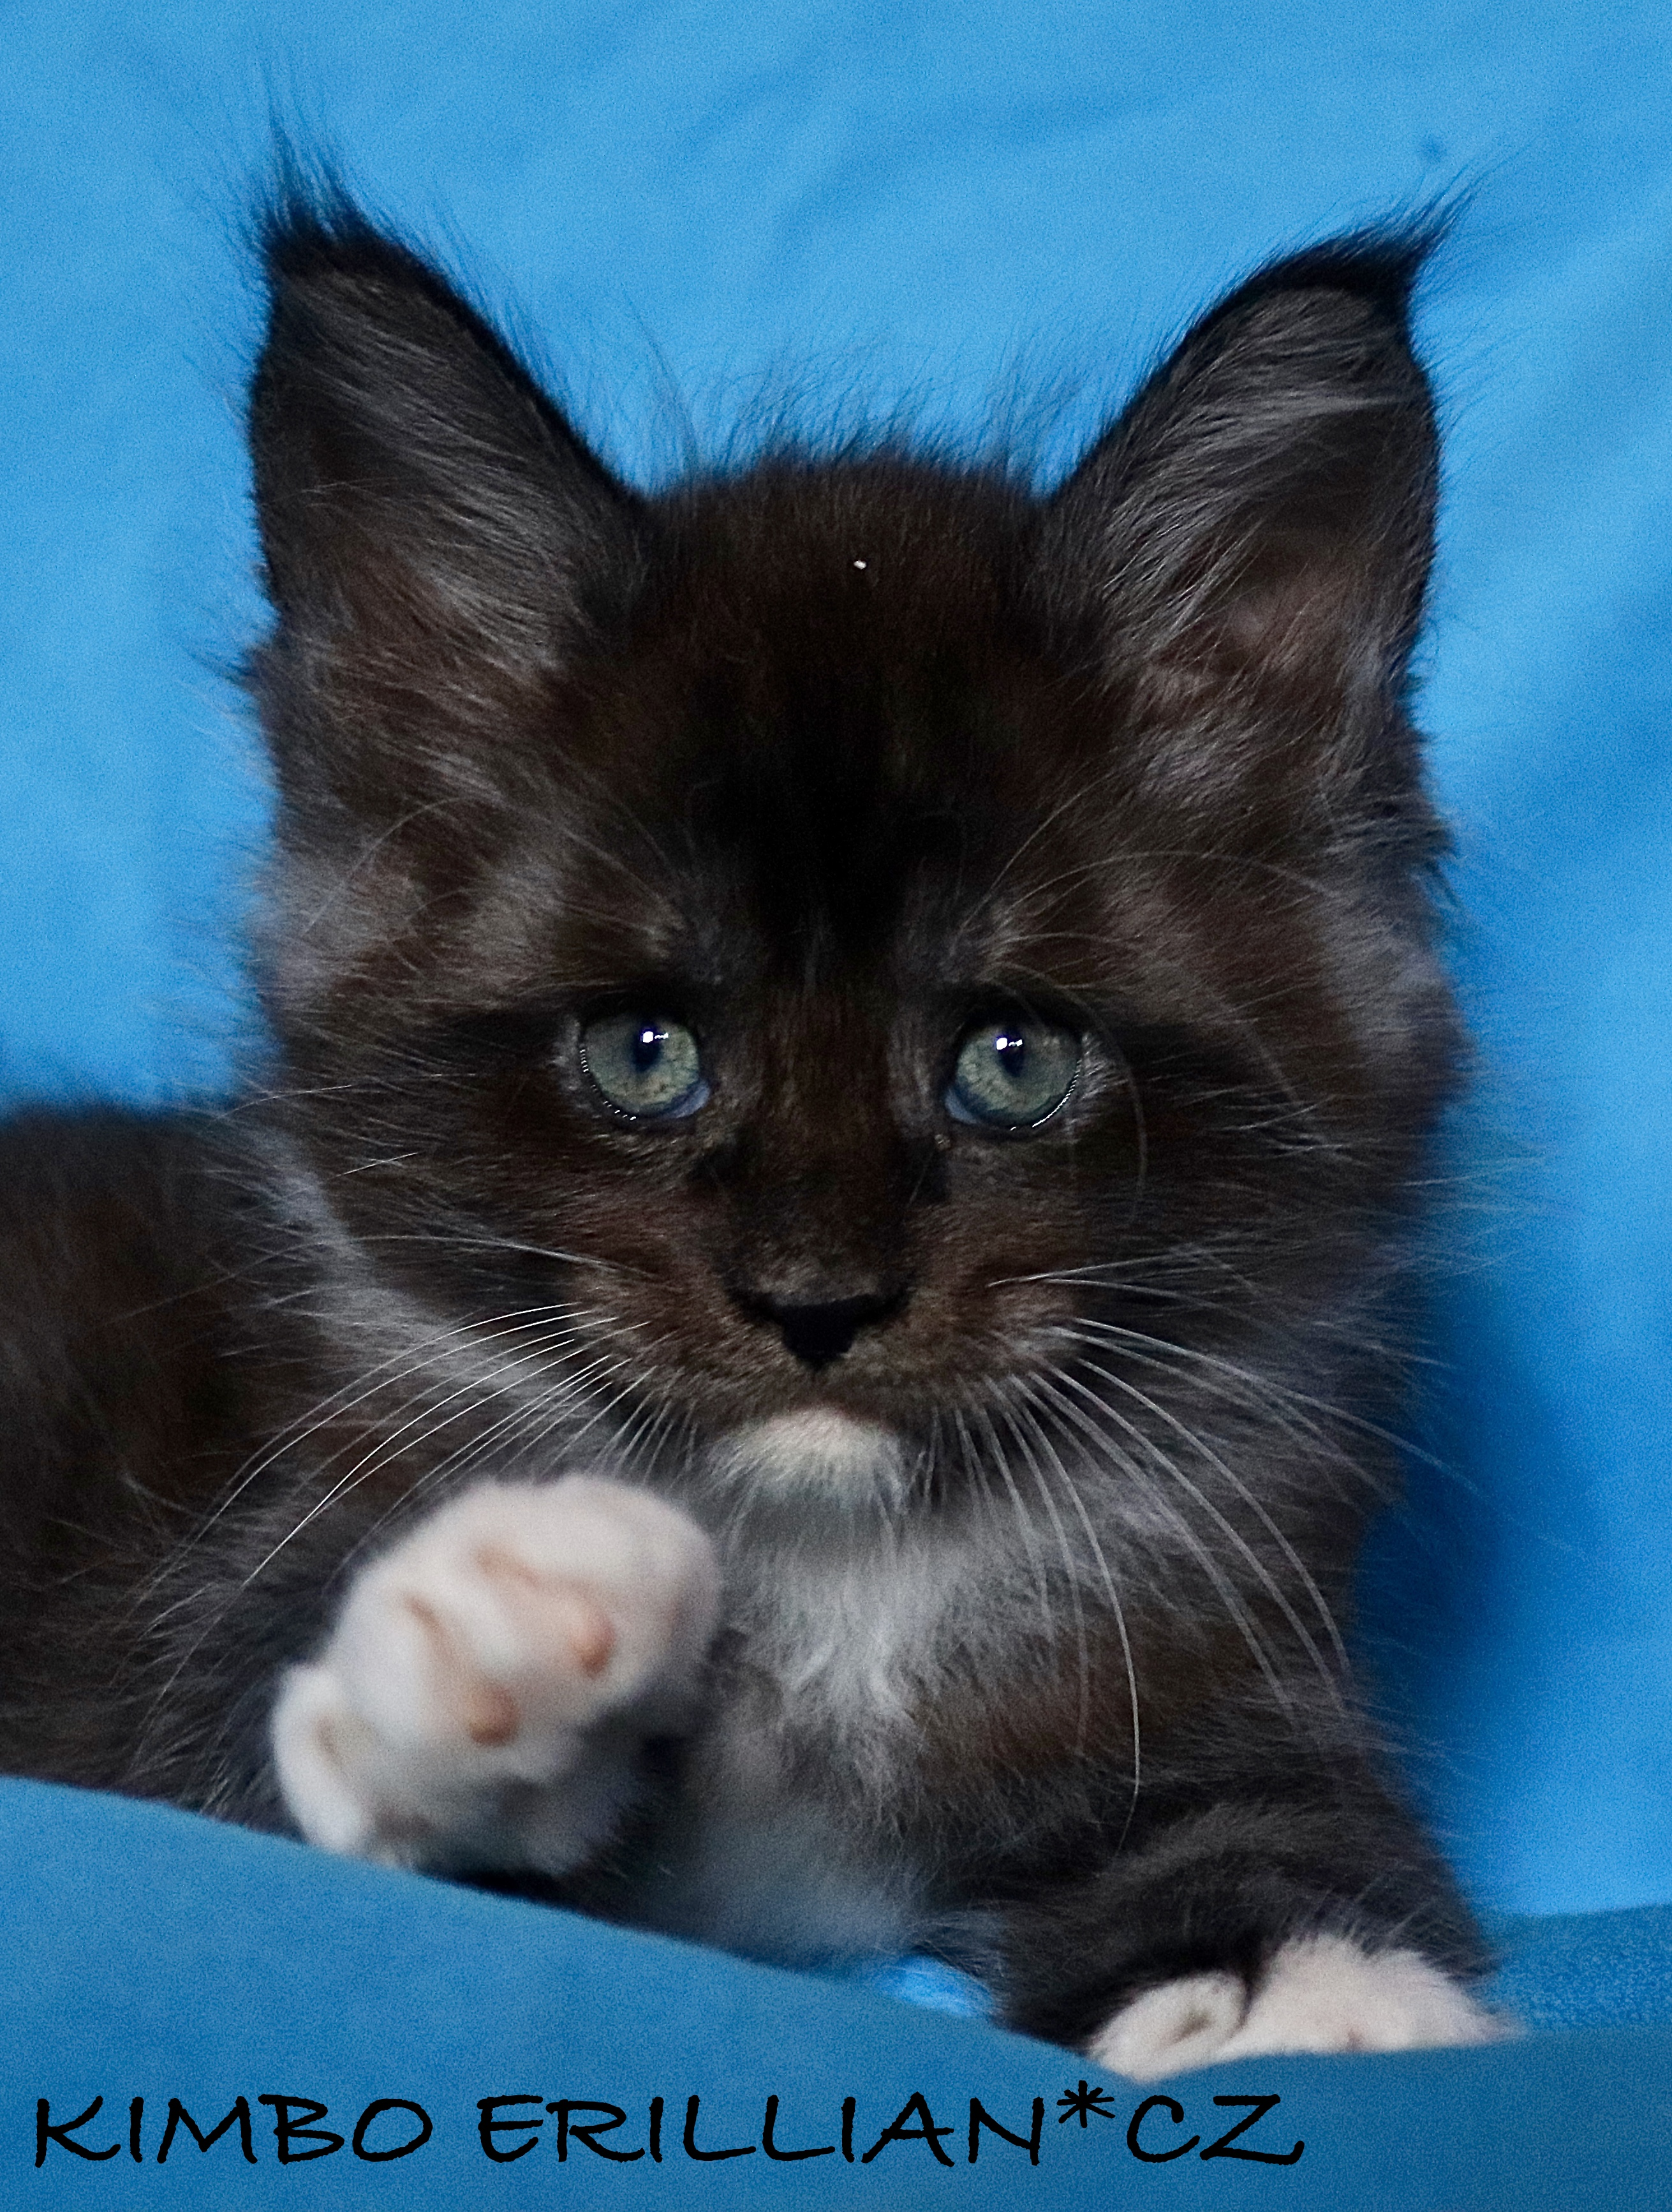 fotka kočky VRH K: KIMBO VON ERILLIAN*CZ